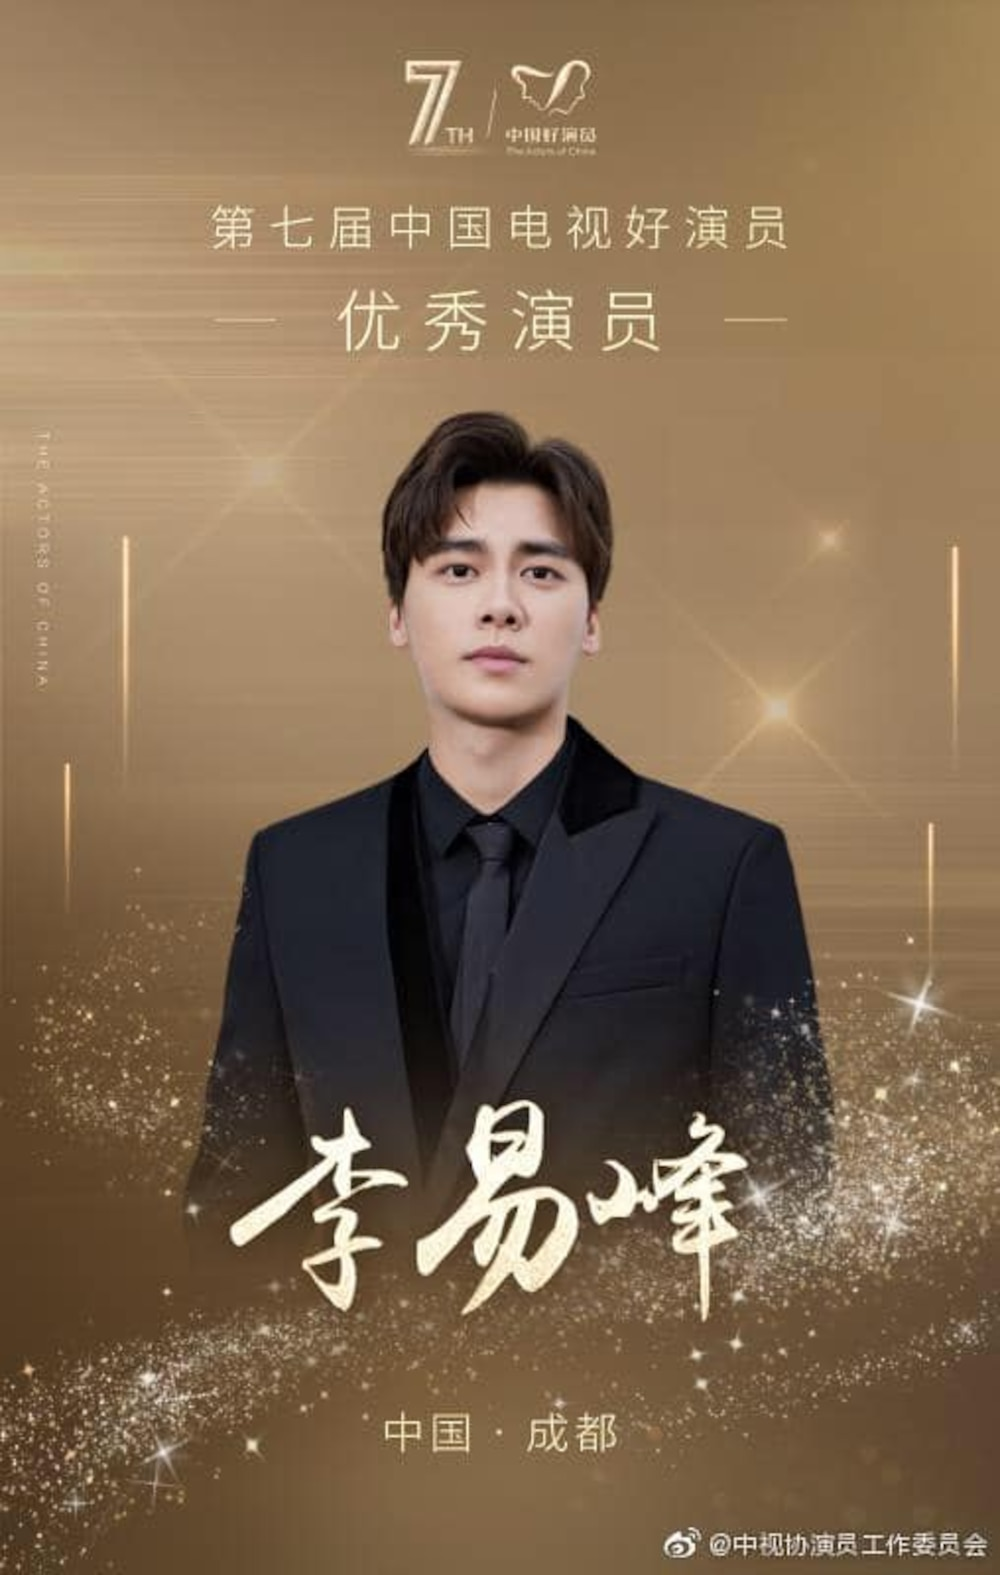 Bảng xếp hạng diễn viên truyền hình xuất sắc: Tiêu Chiến, Vương Nhất Bác, Tống Uy Long đều không có tên 0